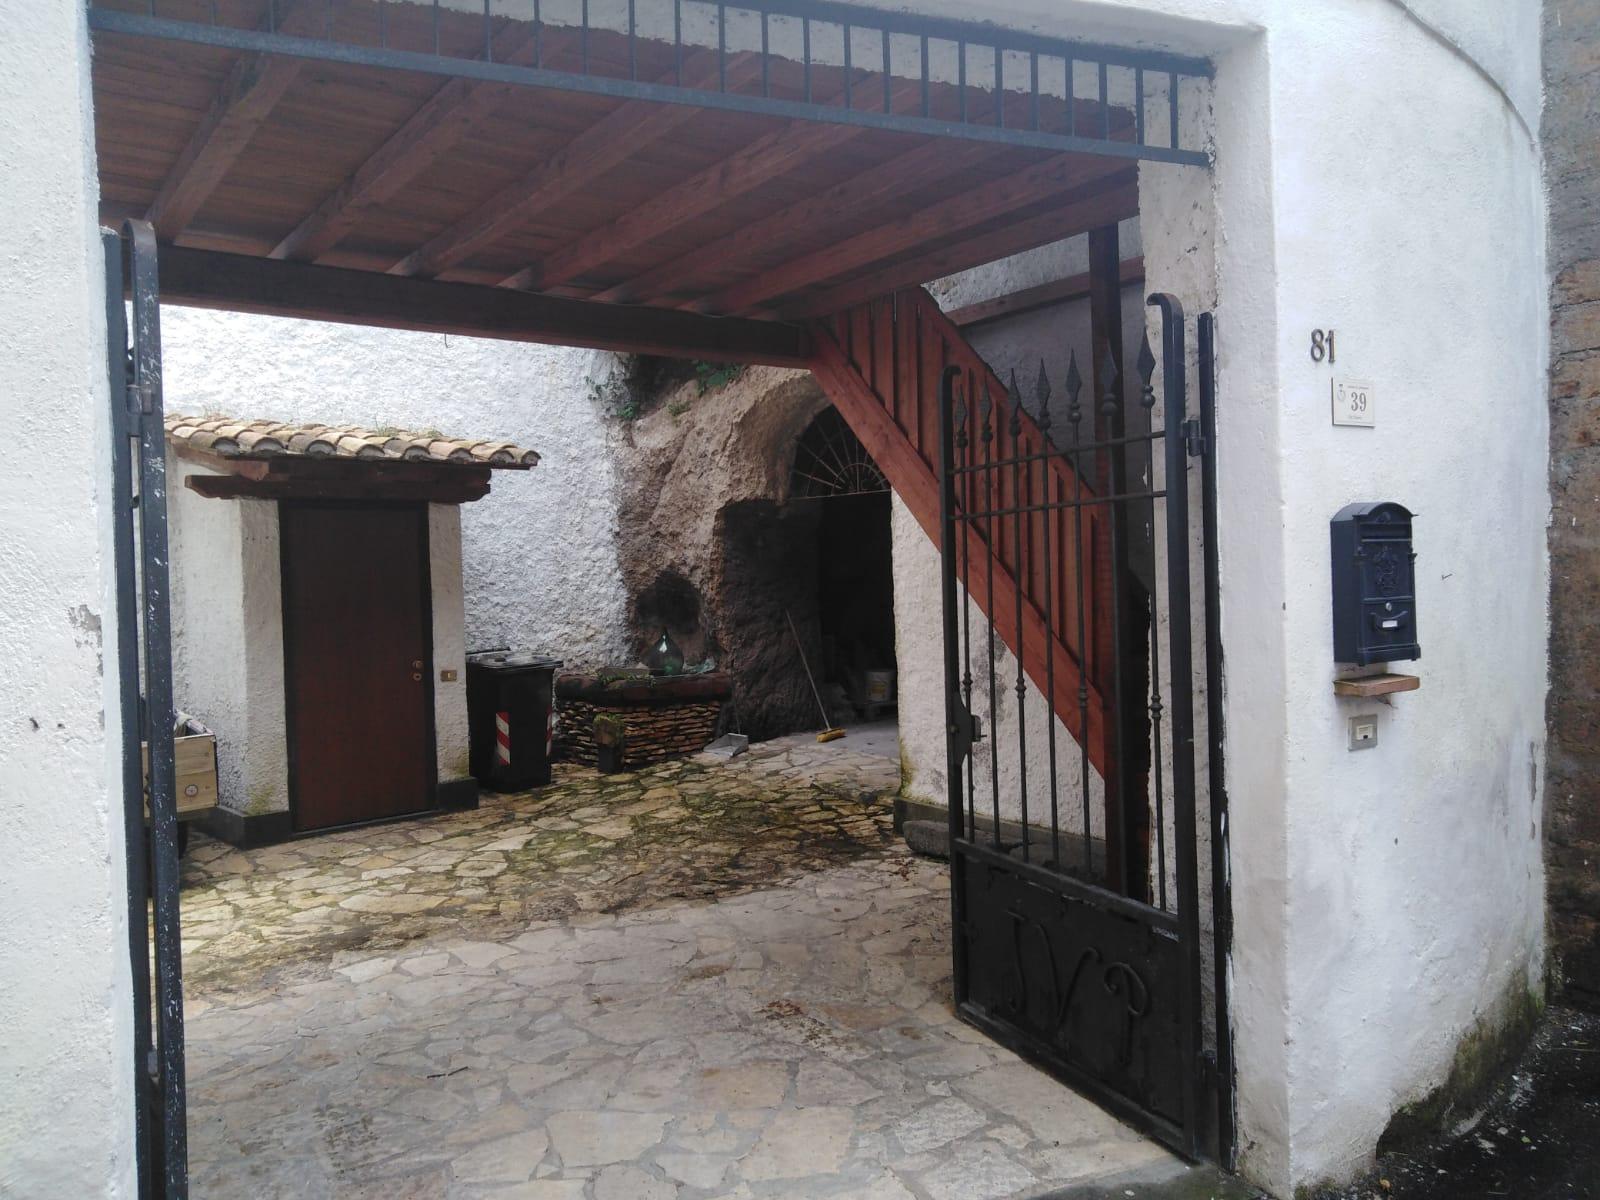 Appartamento in vendita a Carbognano, 5 locali, zona Località: centrale, prezzo € 55.000 | PortaleAgenzieImmobiliari.it